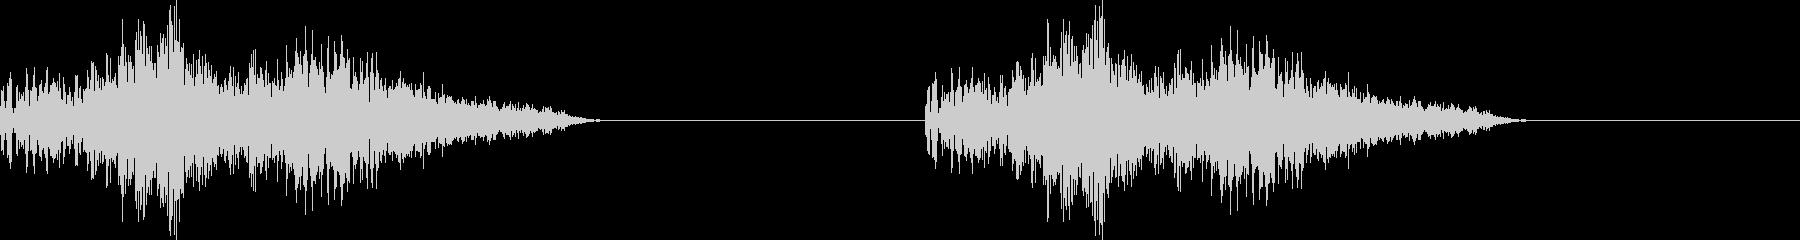 アラート音 LOOP有り 危険度中の未再生の波形